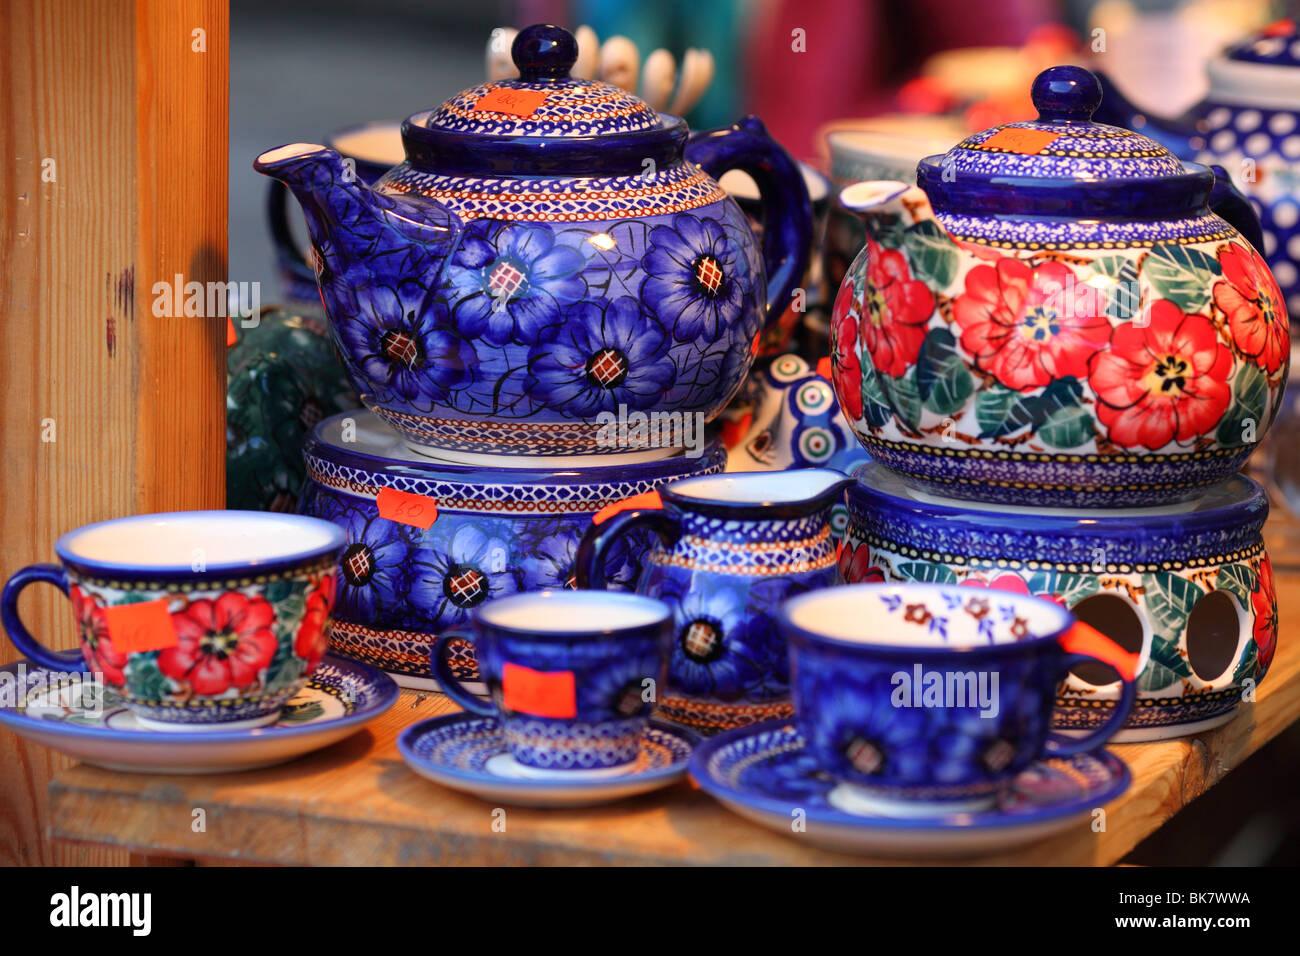 Steingut Keramik bunte keramik keramik steingut aus boleslawiec polen stockfoto